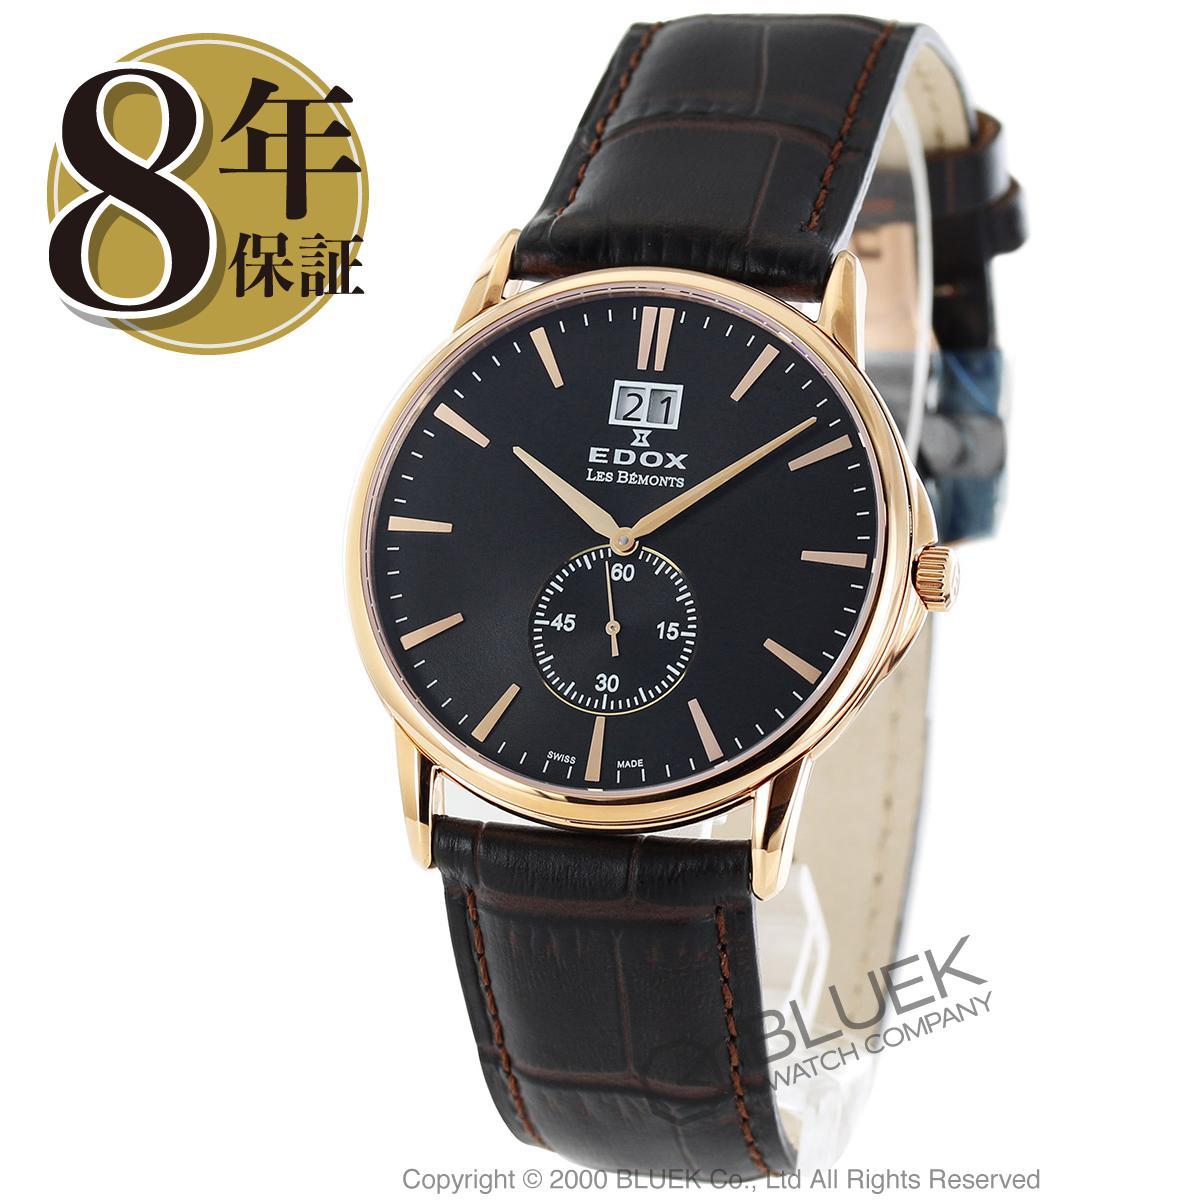 【1,000円OFFクーポン対象】エドックス レ・ベモン 腕時計 メンズ EDOX 64012-37R-NIR_8